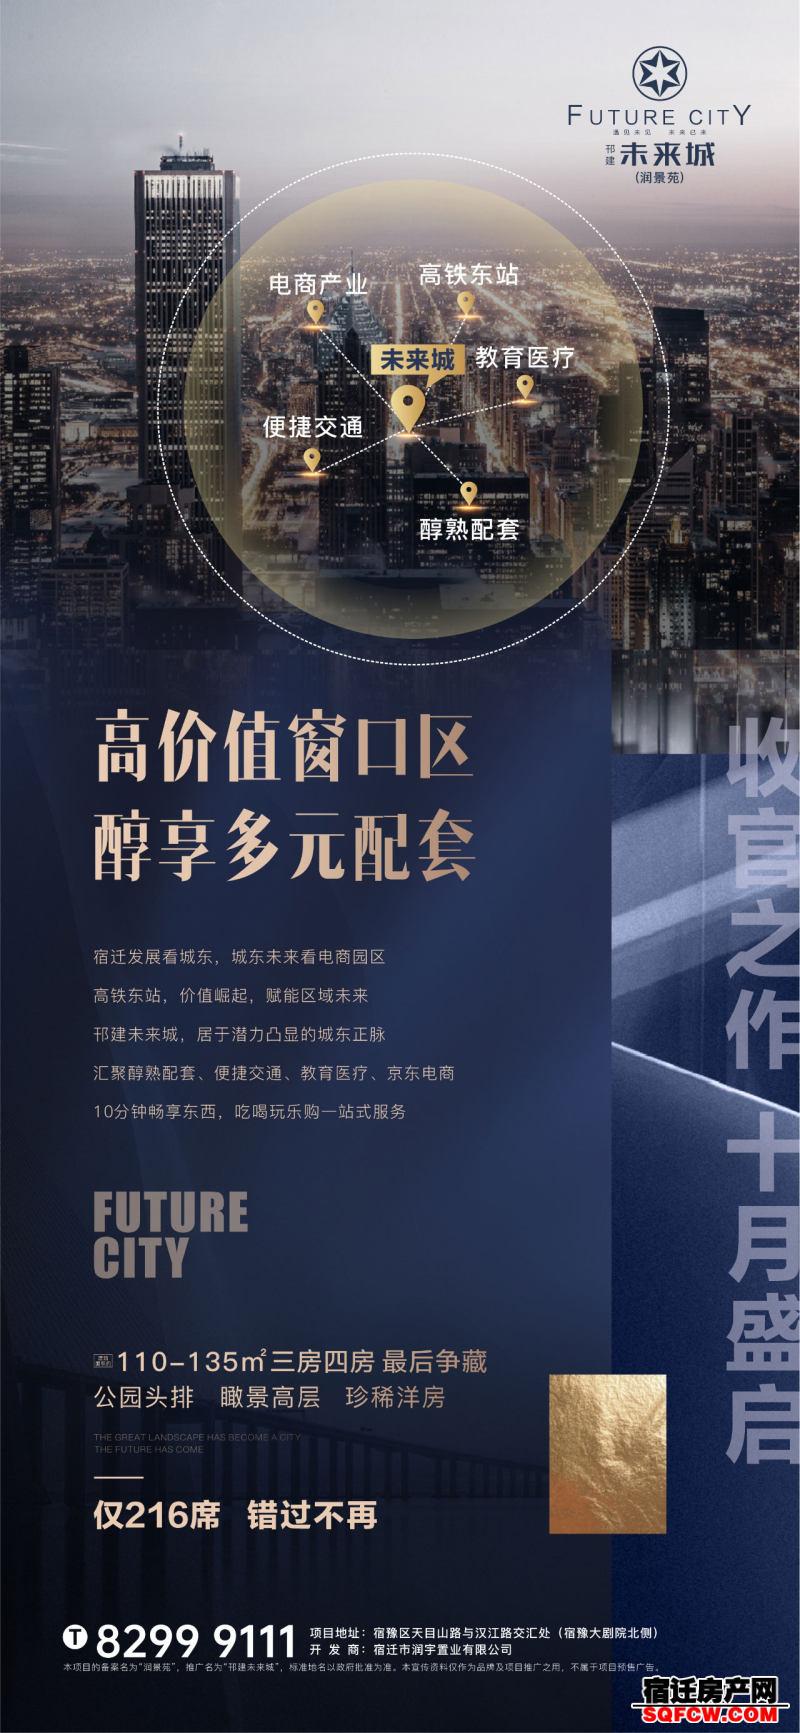 邗建未来城:高铁东站,多元配套